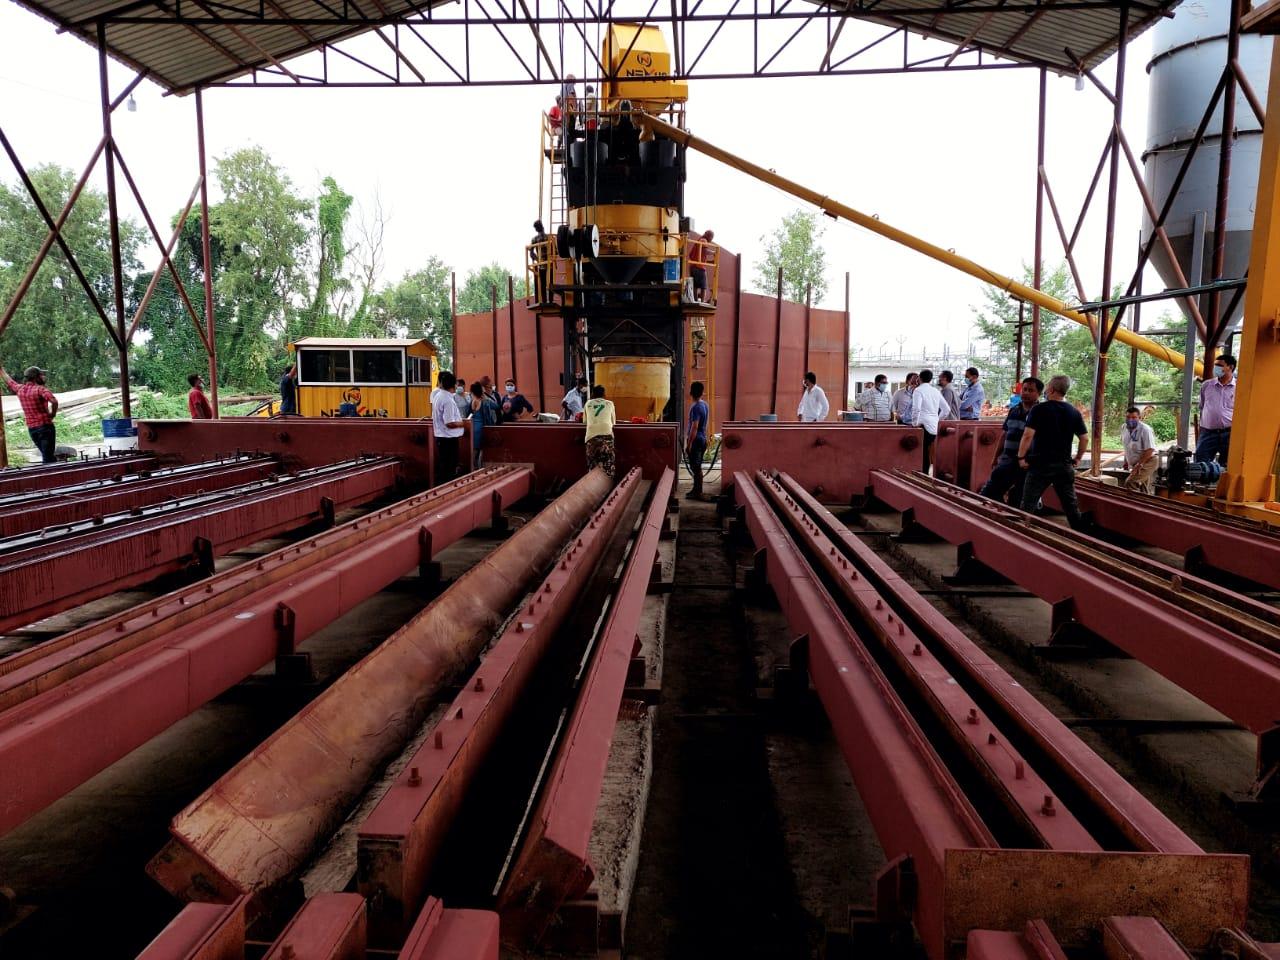 मोरङको टङ्की सिनुवारीमा विद्युतका कङ्क्रिट पोल उत्पादन शुरु